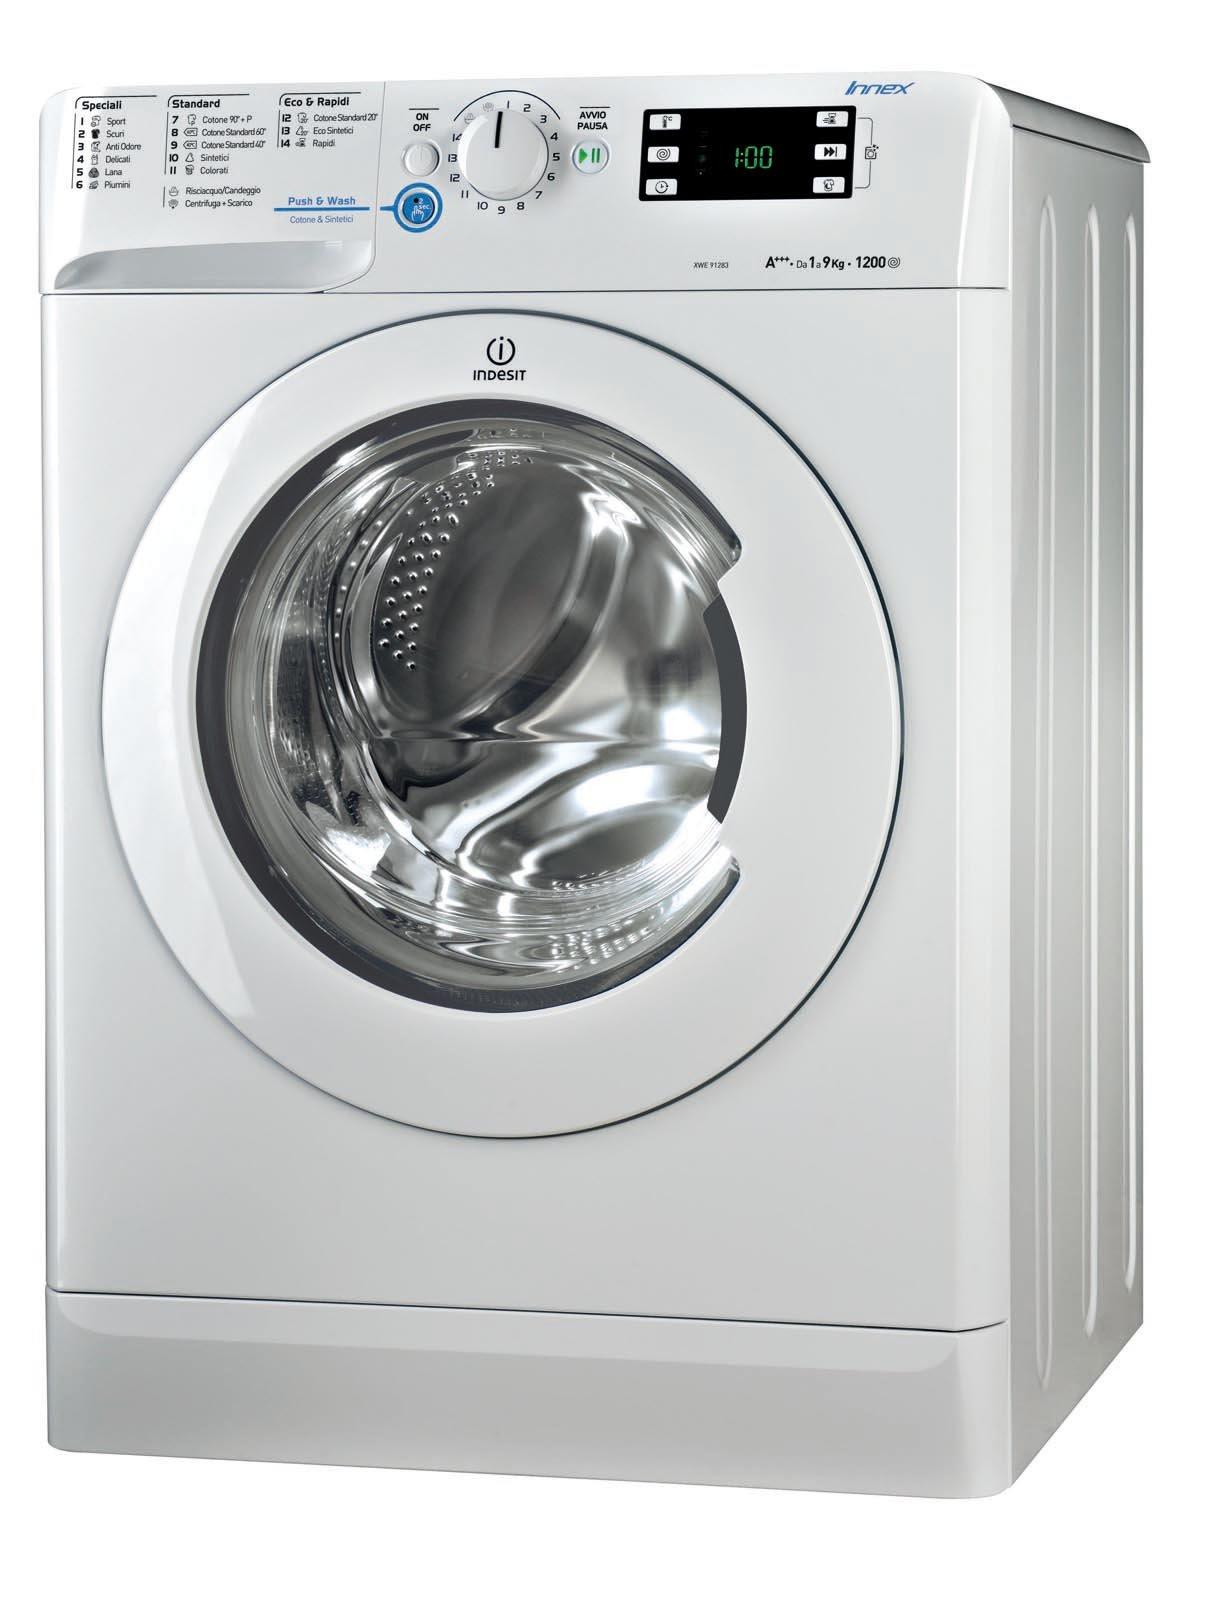 Lavatrici il modello giusto per ogni esigenza cose di casa for Cestello lavatrice